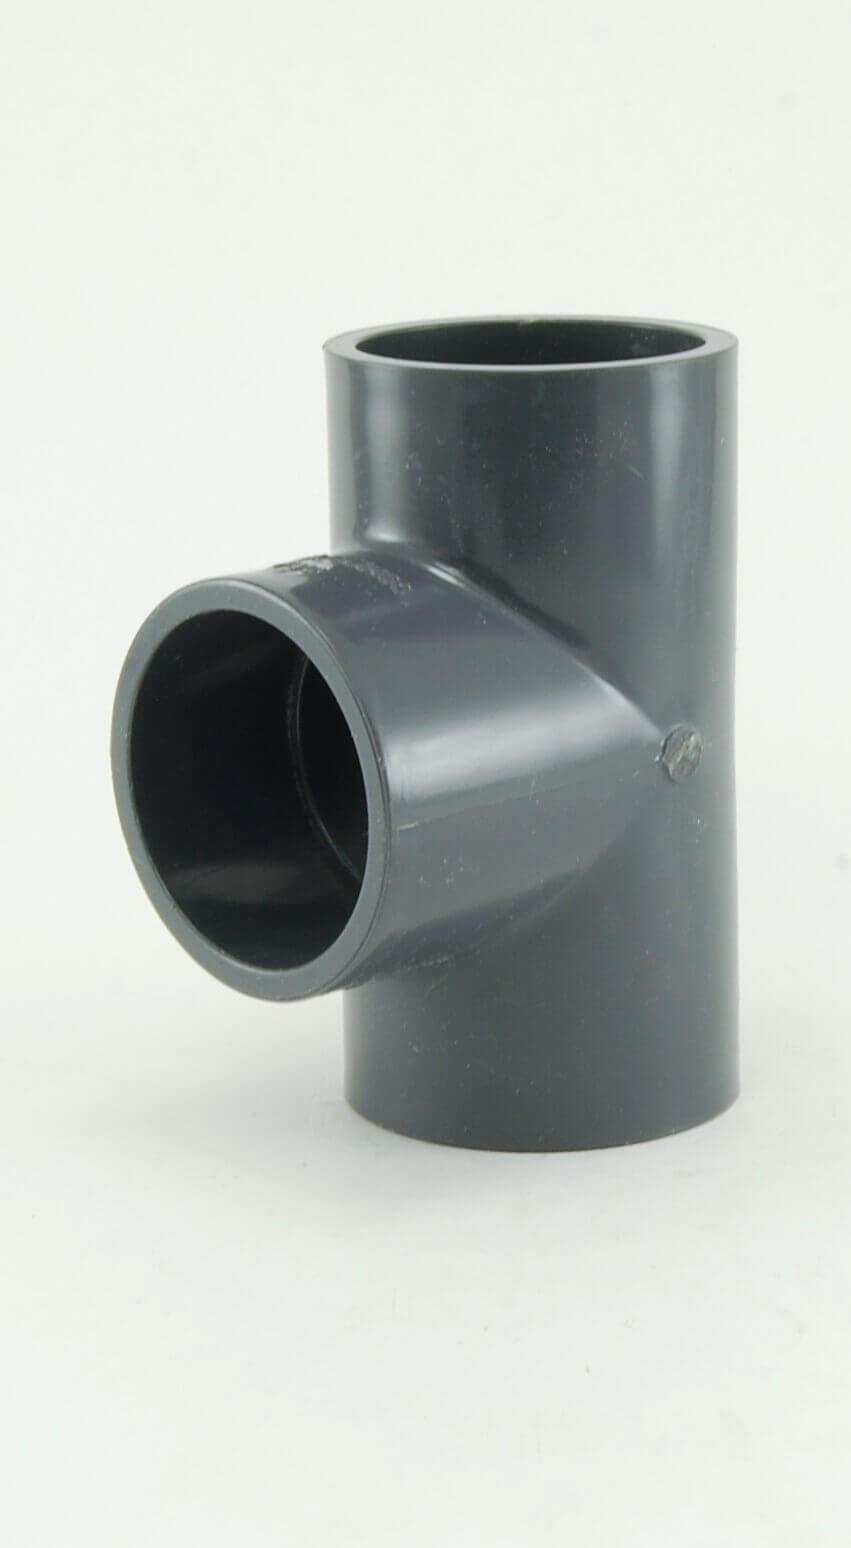 Sch 40 Grey PVC Tee s x s x s - Schedule 40 Grey Fittings ...